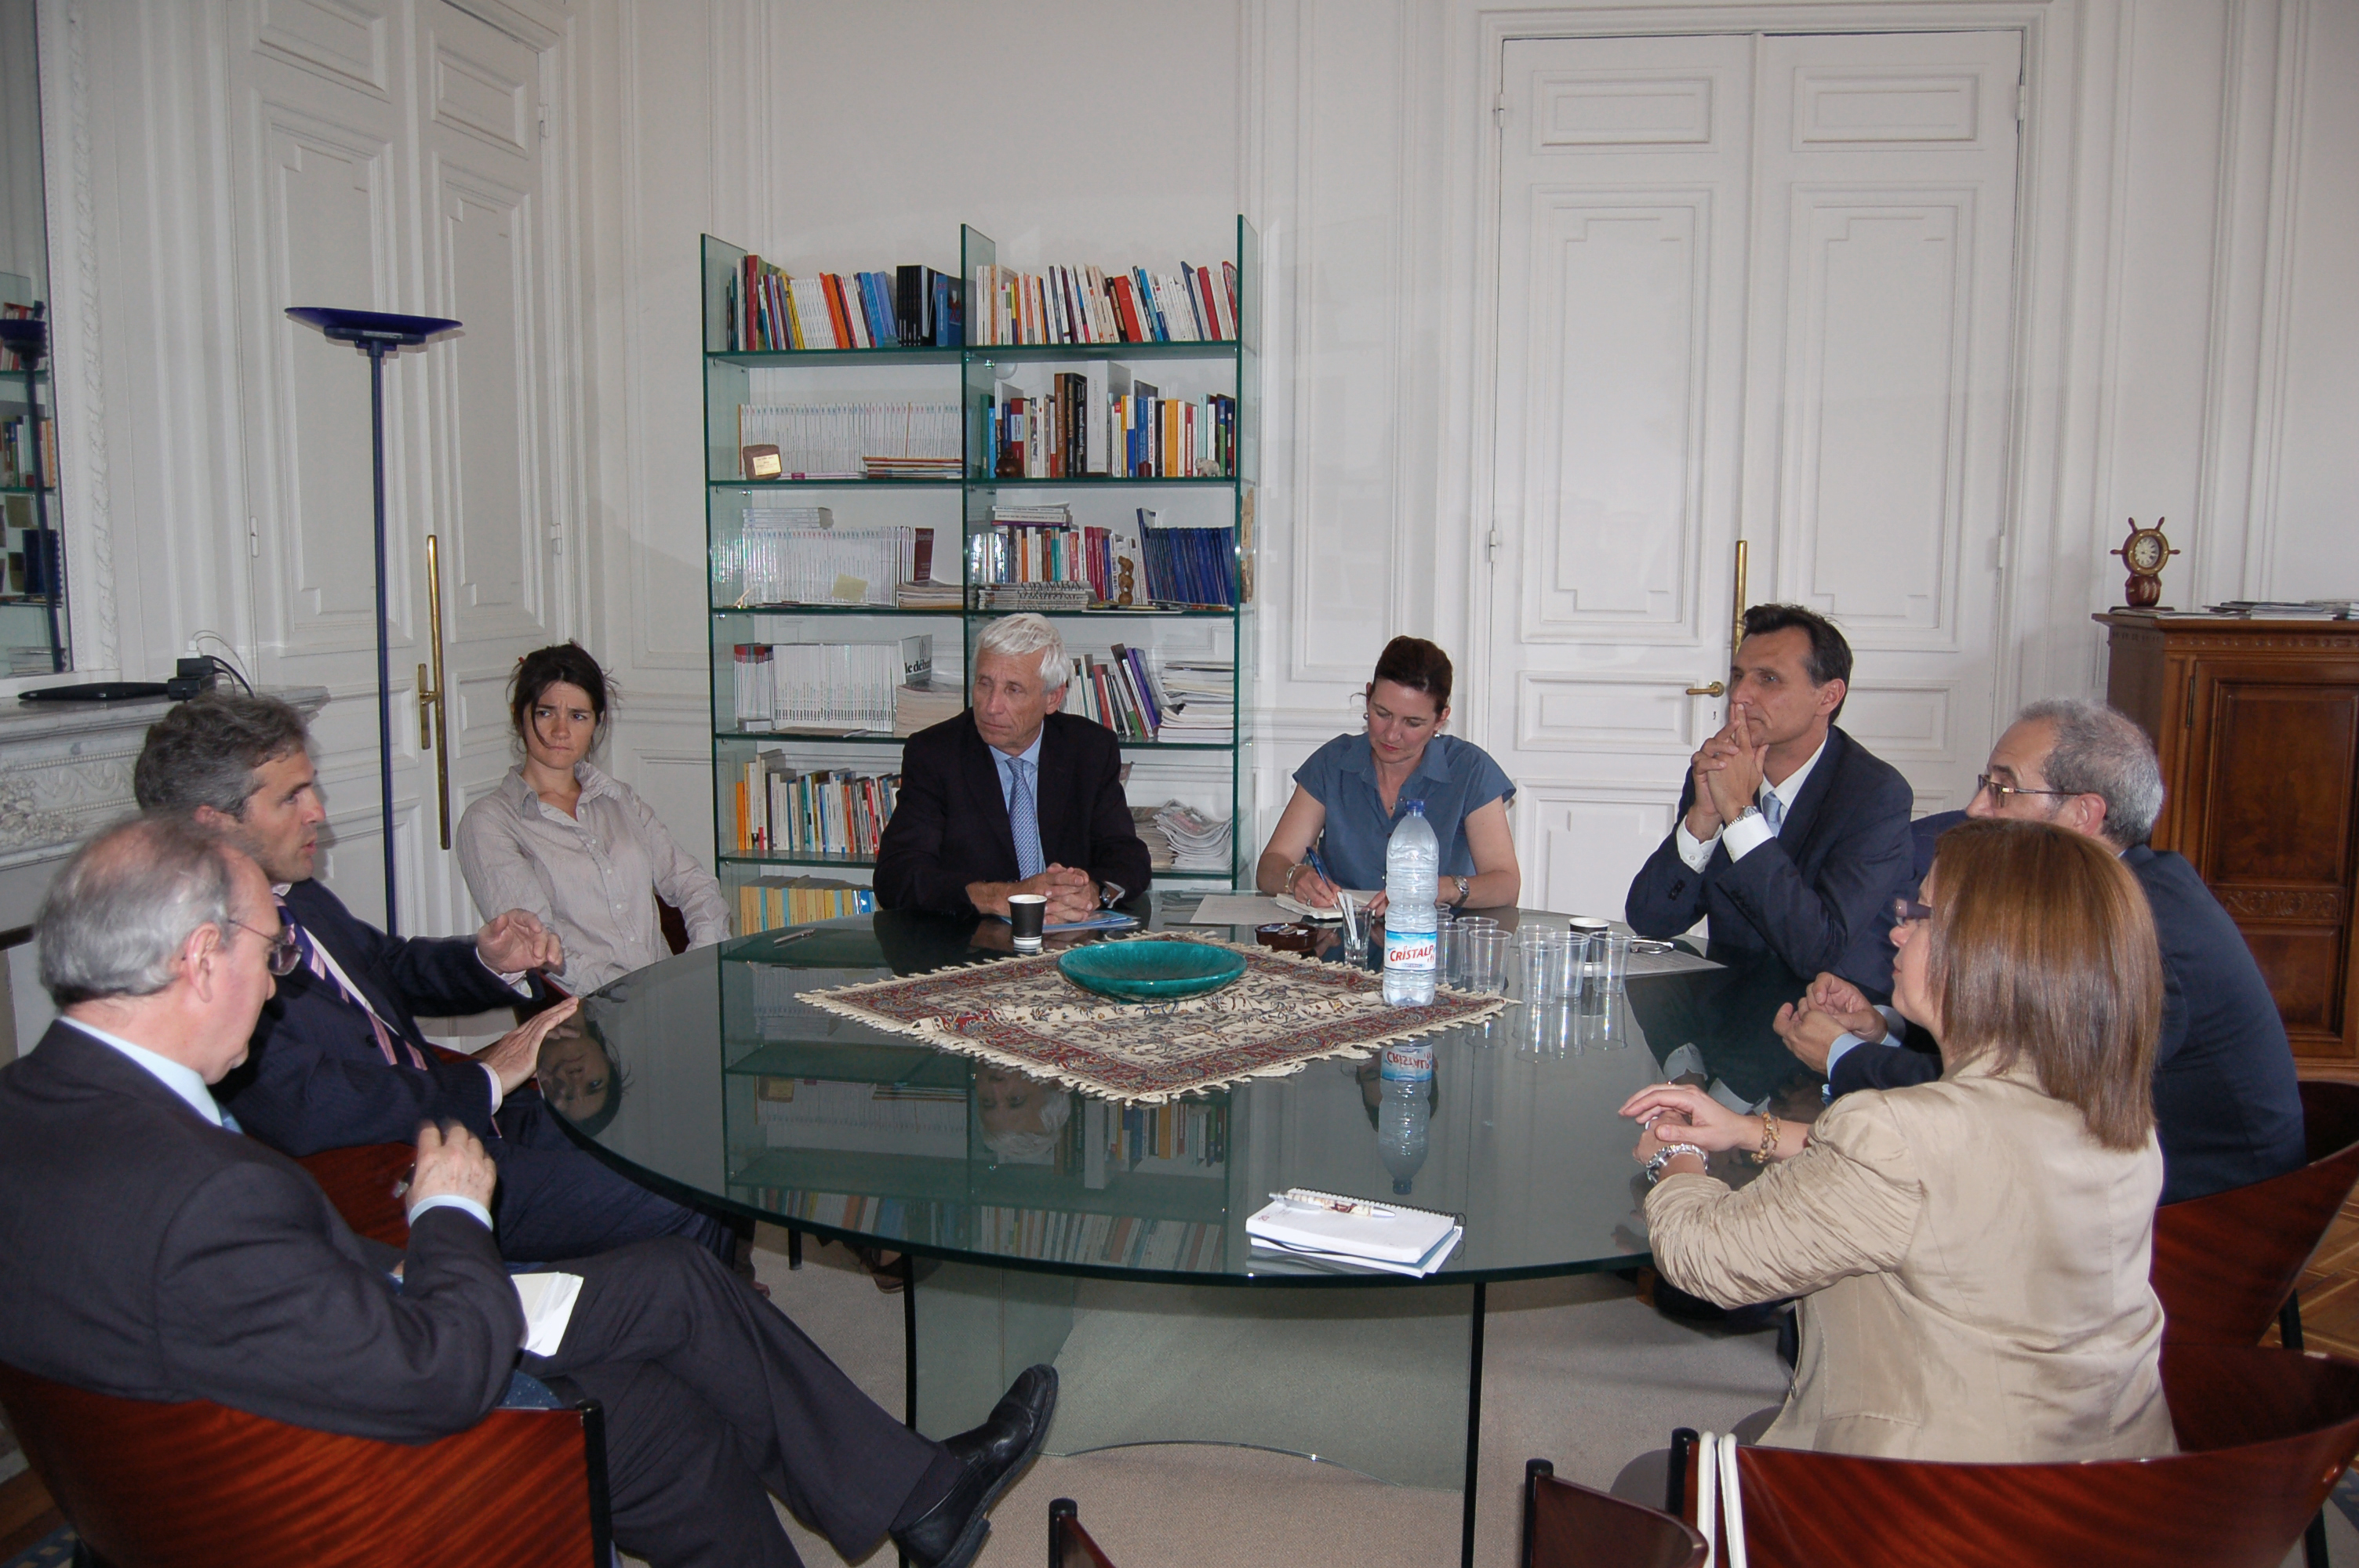 El rector de la Universidad de Salamanca mantiene un encuentro con los principales responsables educativos de Ginebra